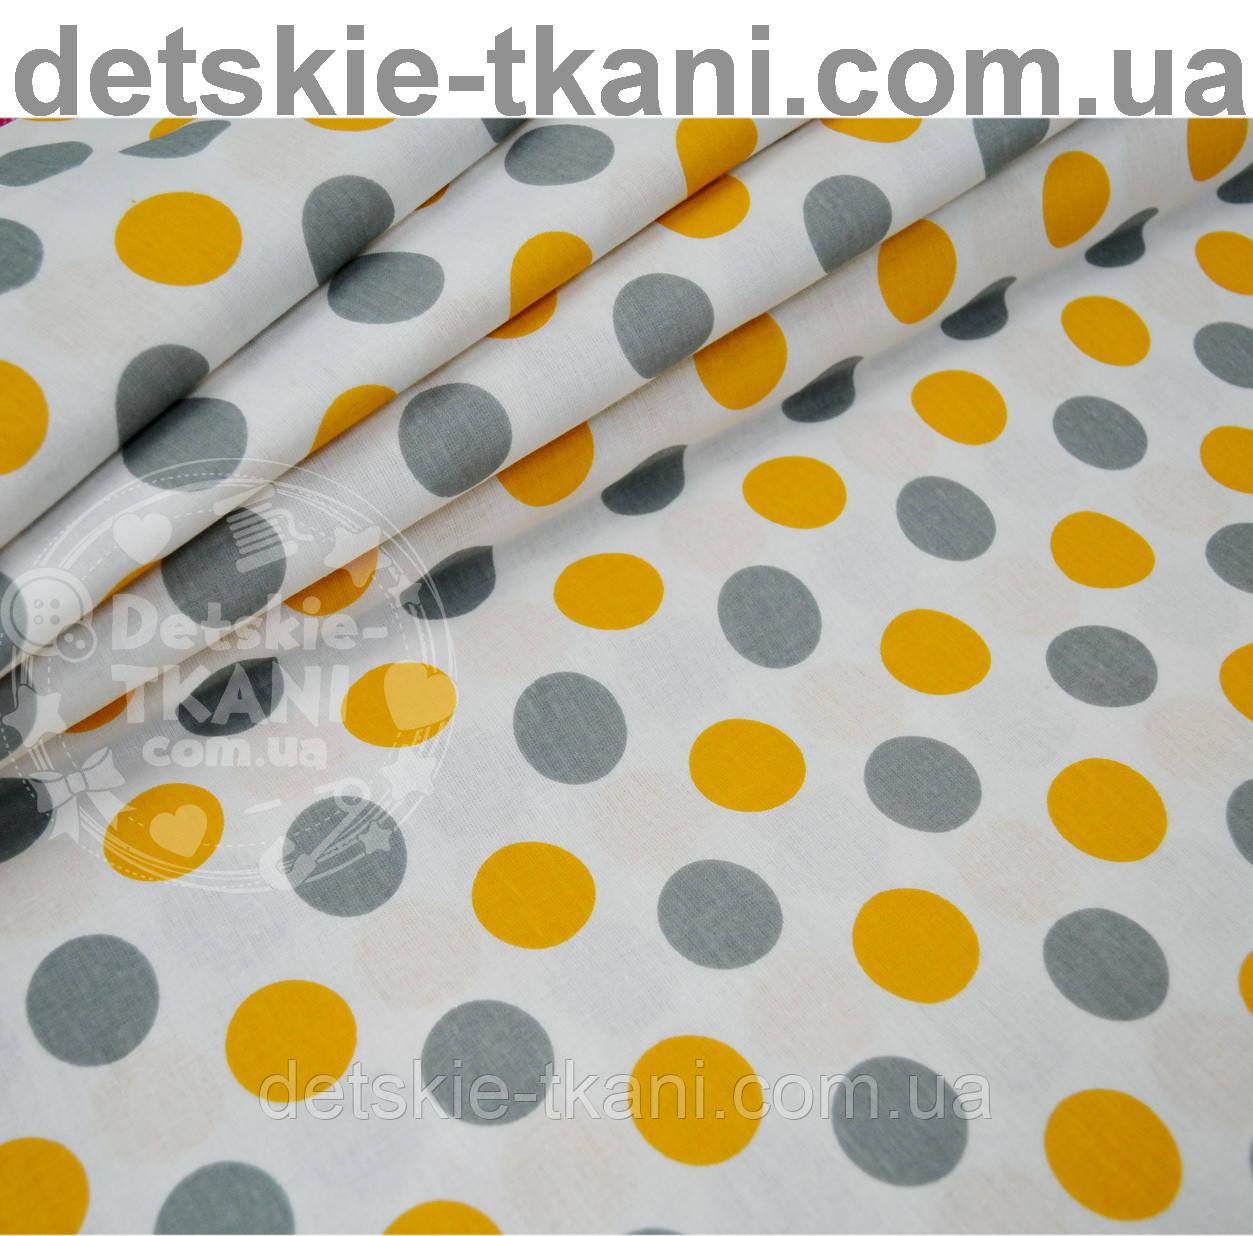 Ткань с серыми и тёмно-жёлтыми горохами размером 3 см, № 544а